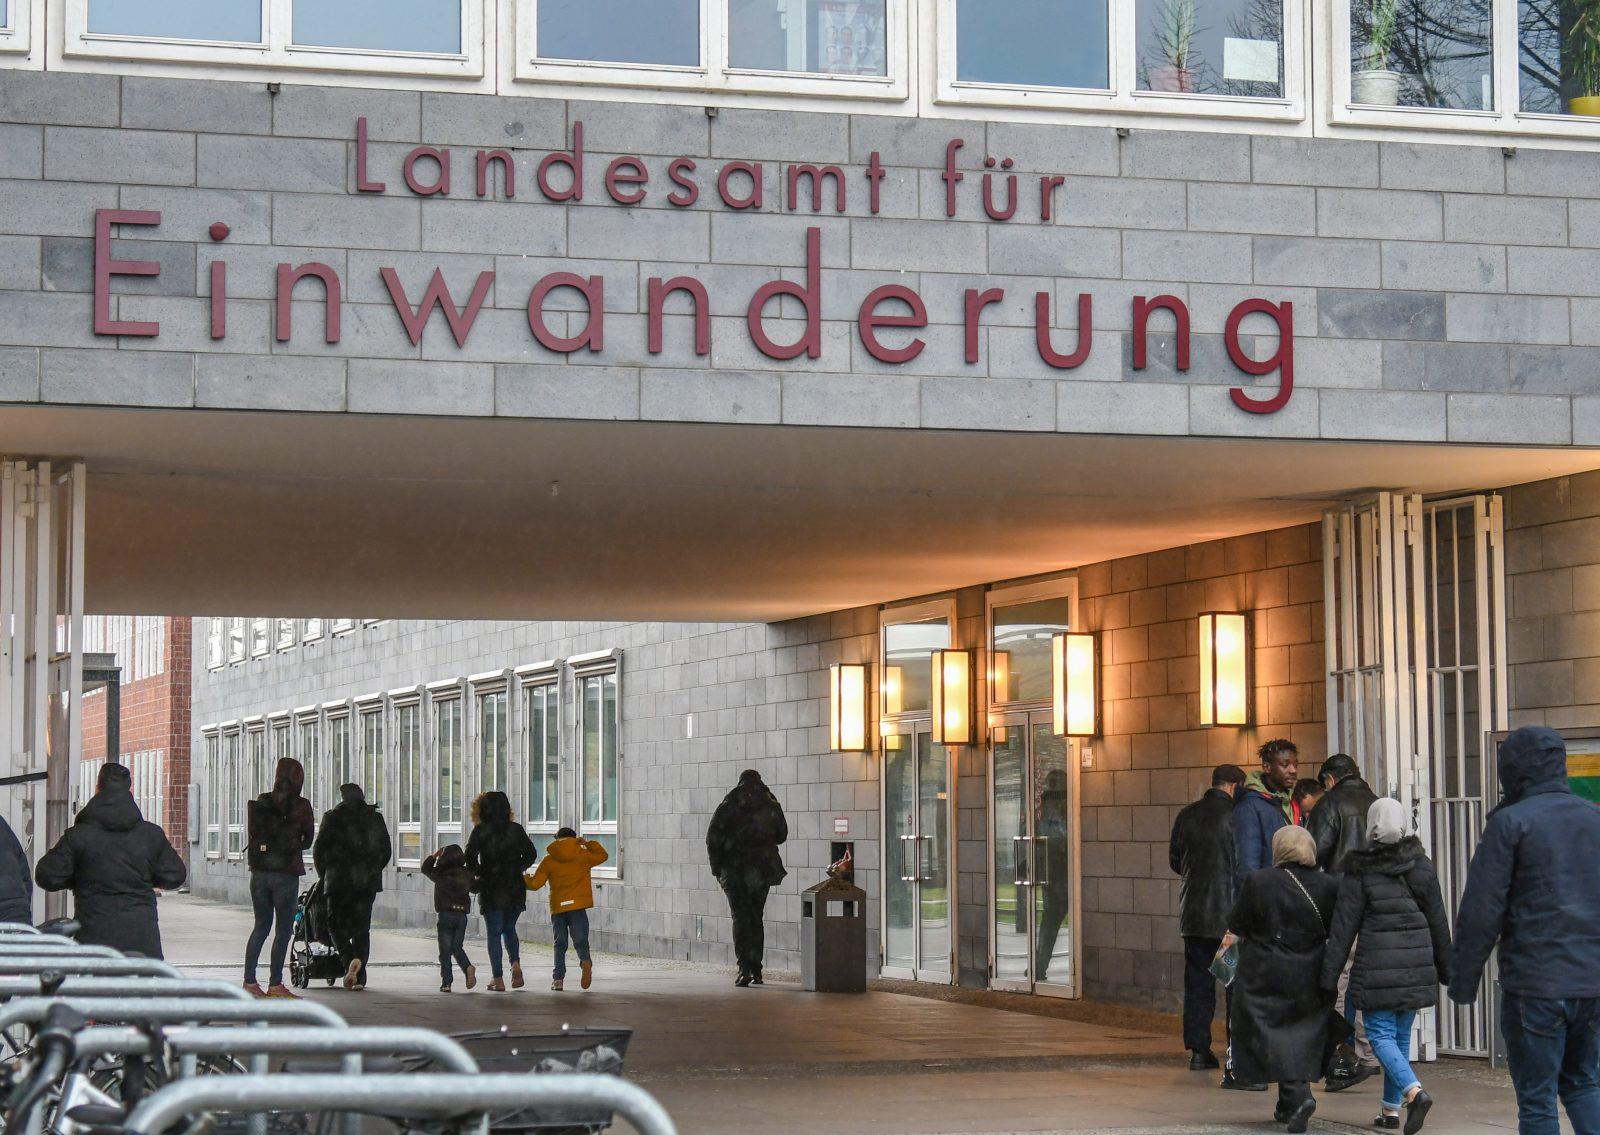 Das Berliner Landesamt für Einwanderung: Der Zuzug hält an Foto: picture alliance